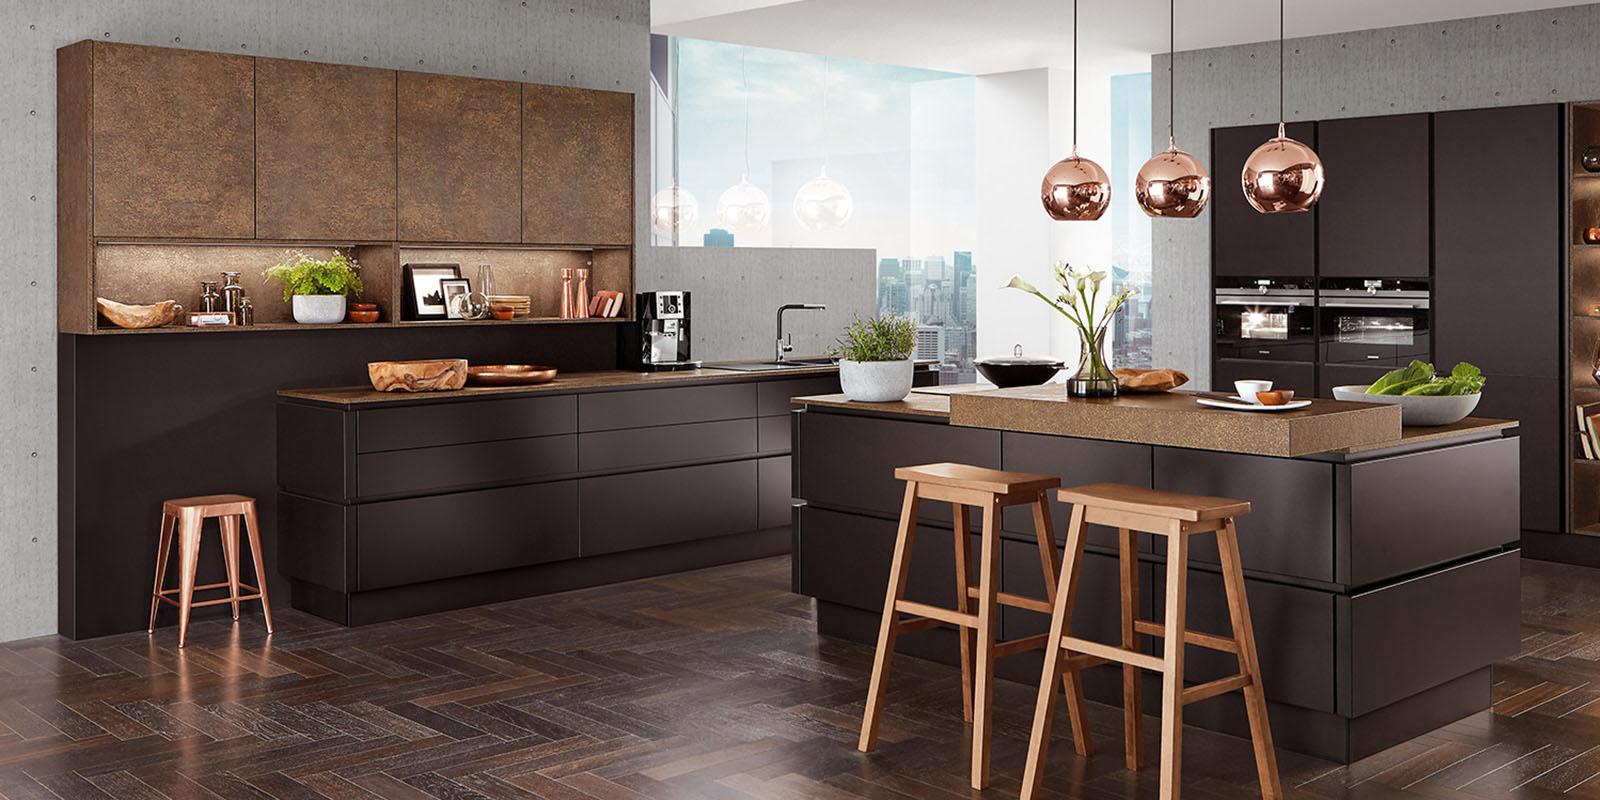 einbauk chen design. Black Bedroom Furniture Sets. Home Design Ideas